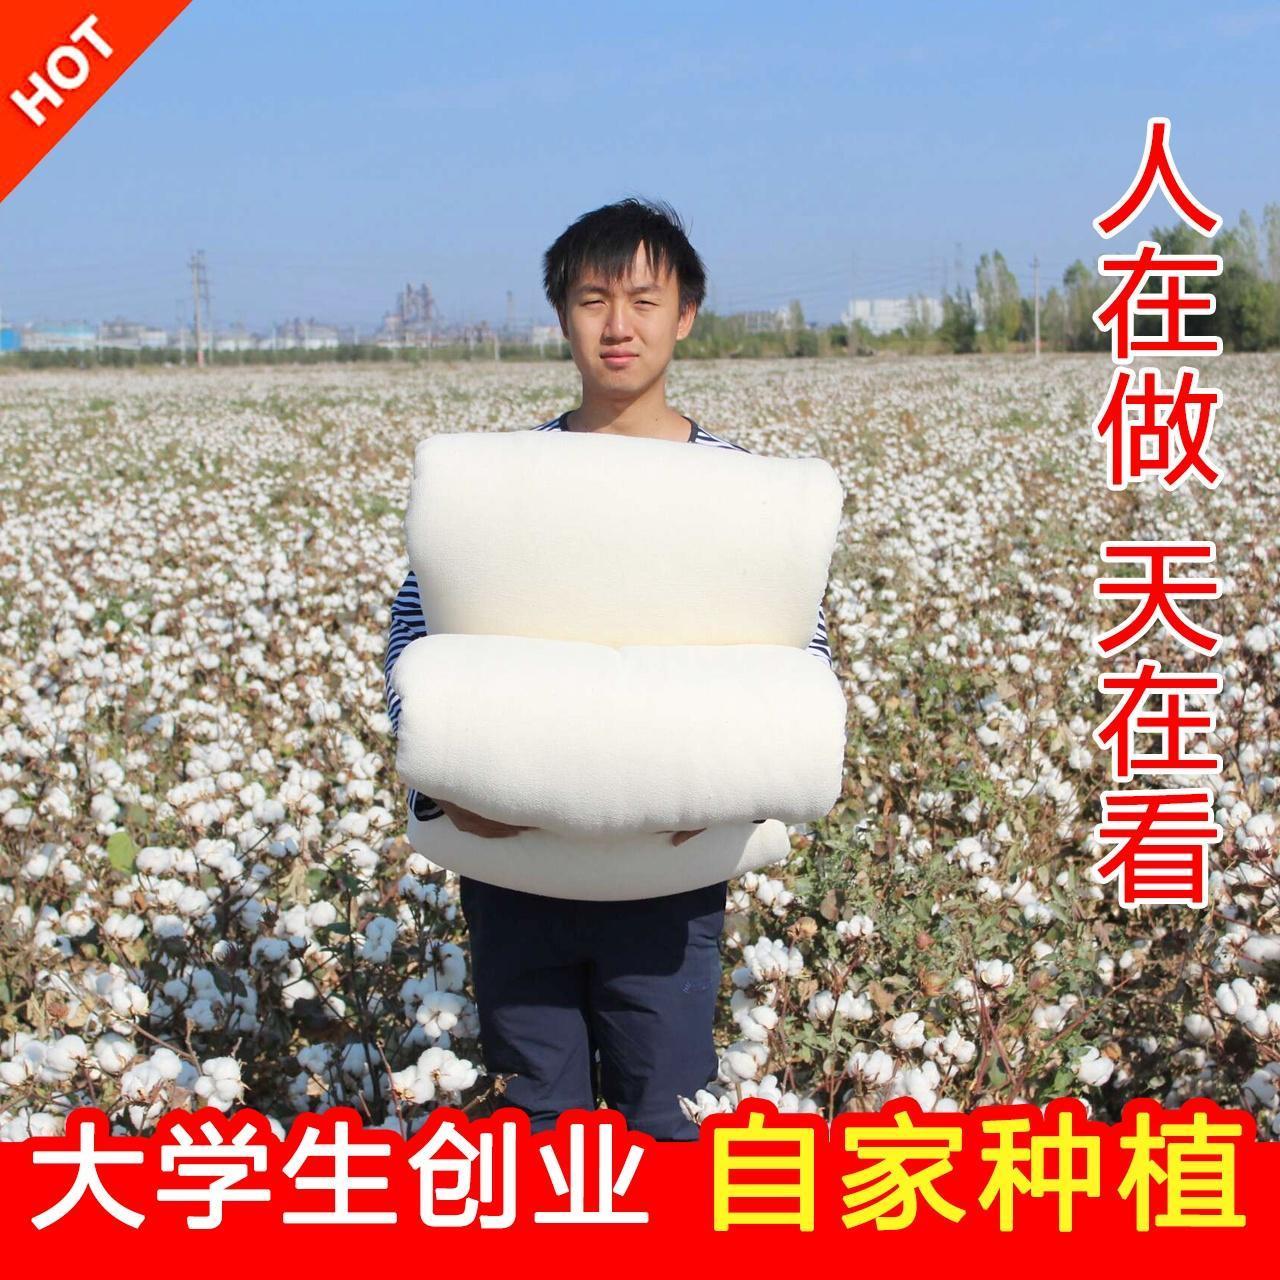 新疆棉被纯棉花被子冬被全棉春秋被芯棉絮床垫被褥子单人学生棉胎